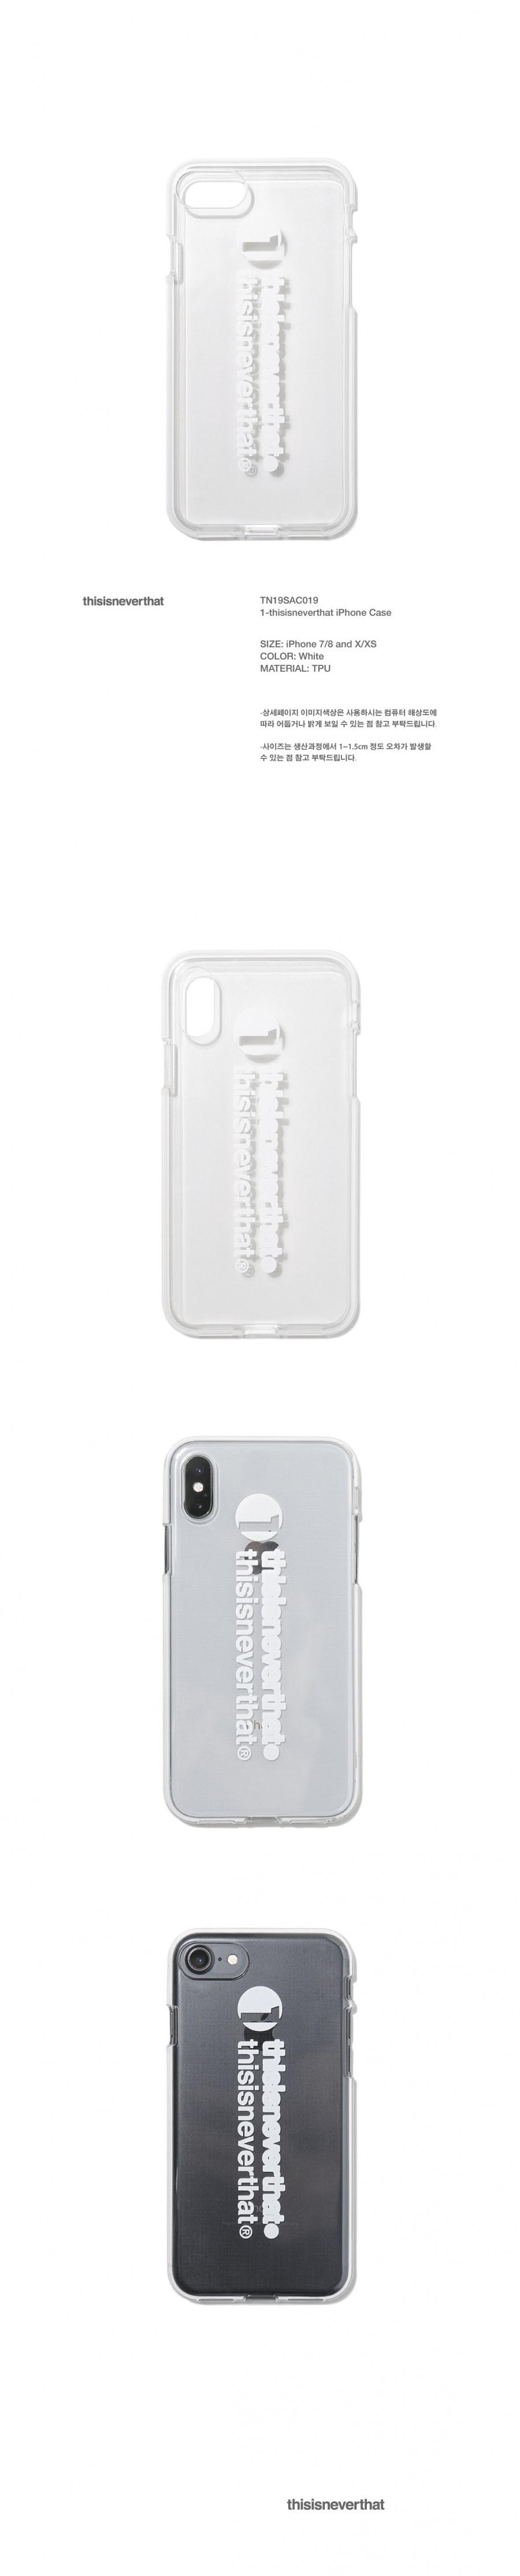 디스이즈네버댓(THISISNEVERTHAT) 1-thisisneverthat iPhone Case 7&8  White